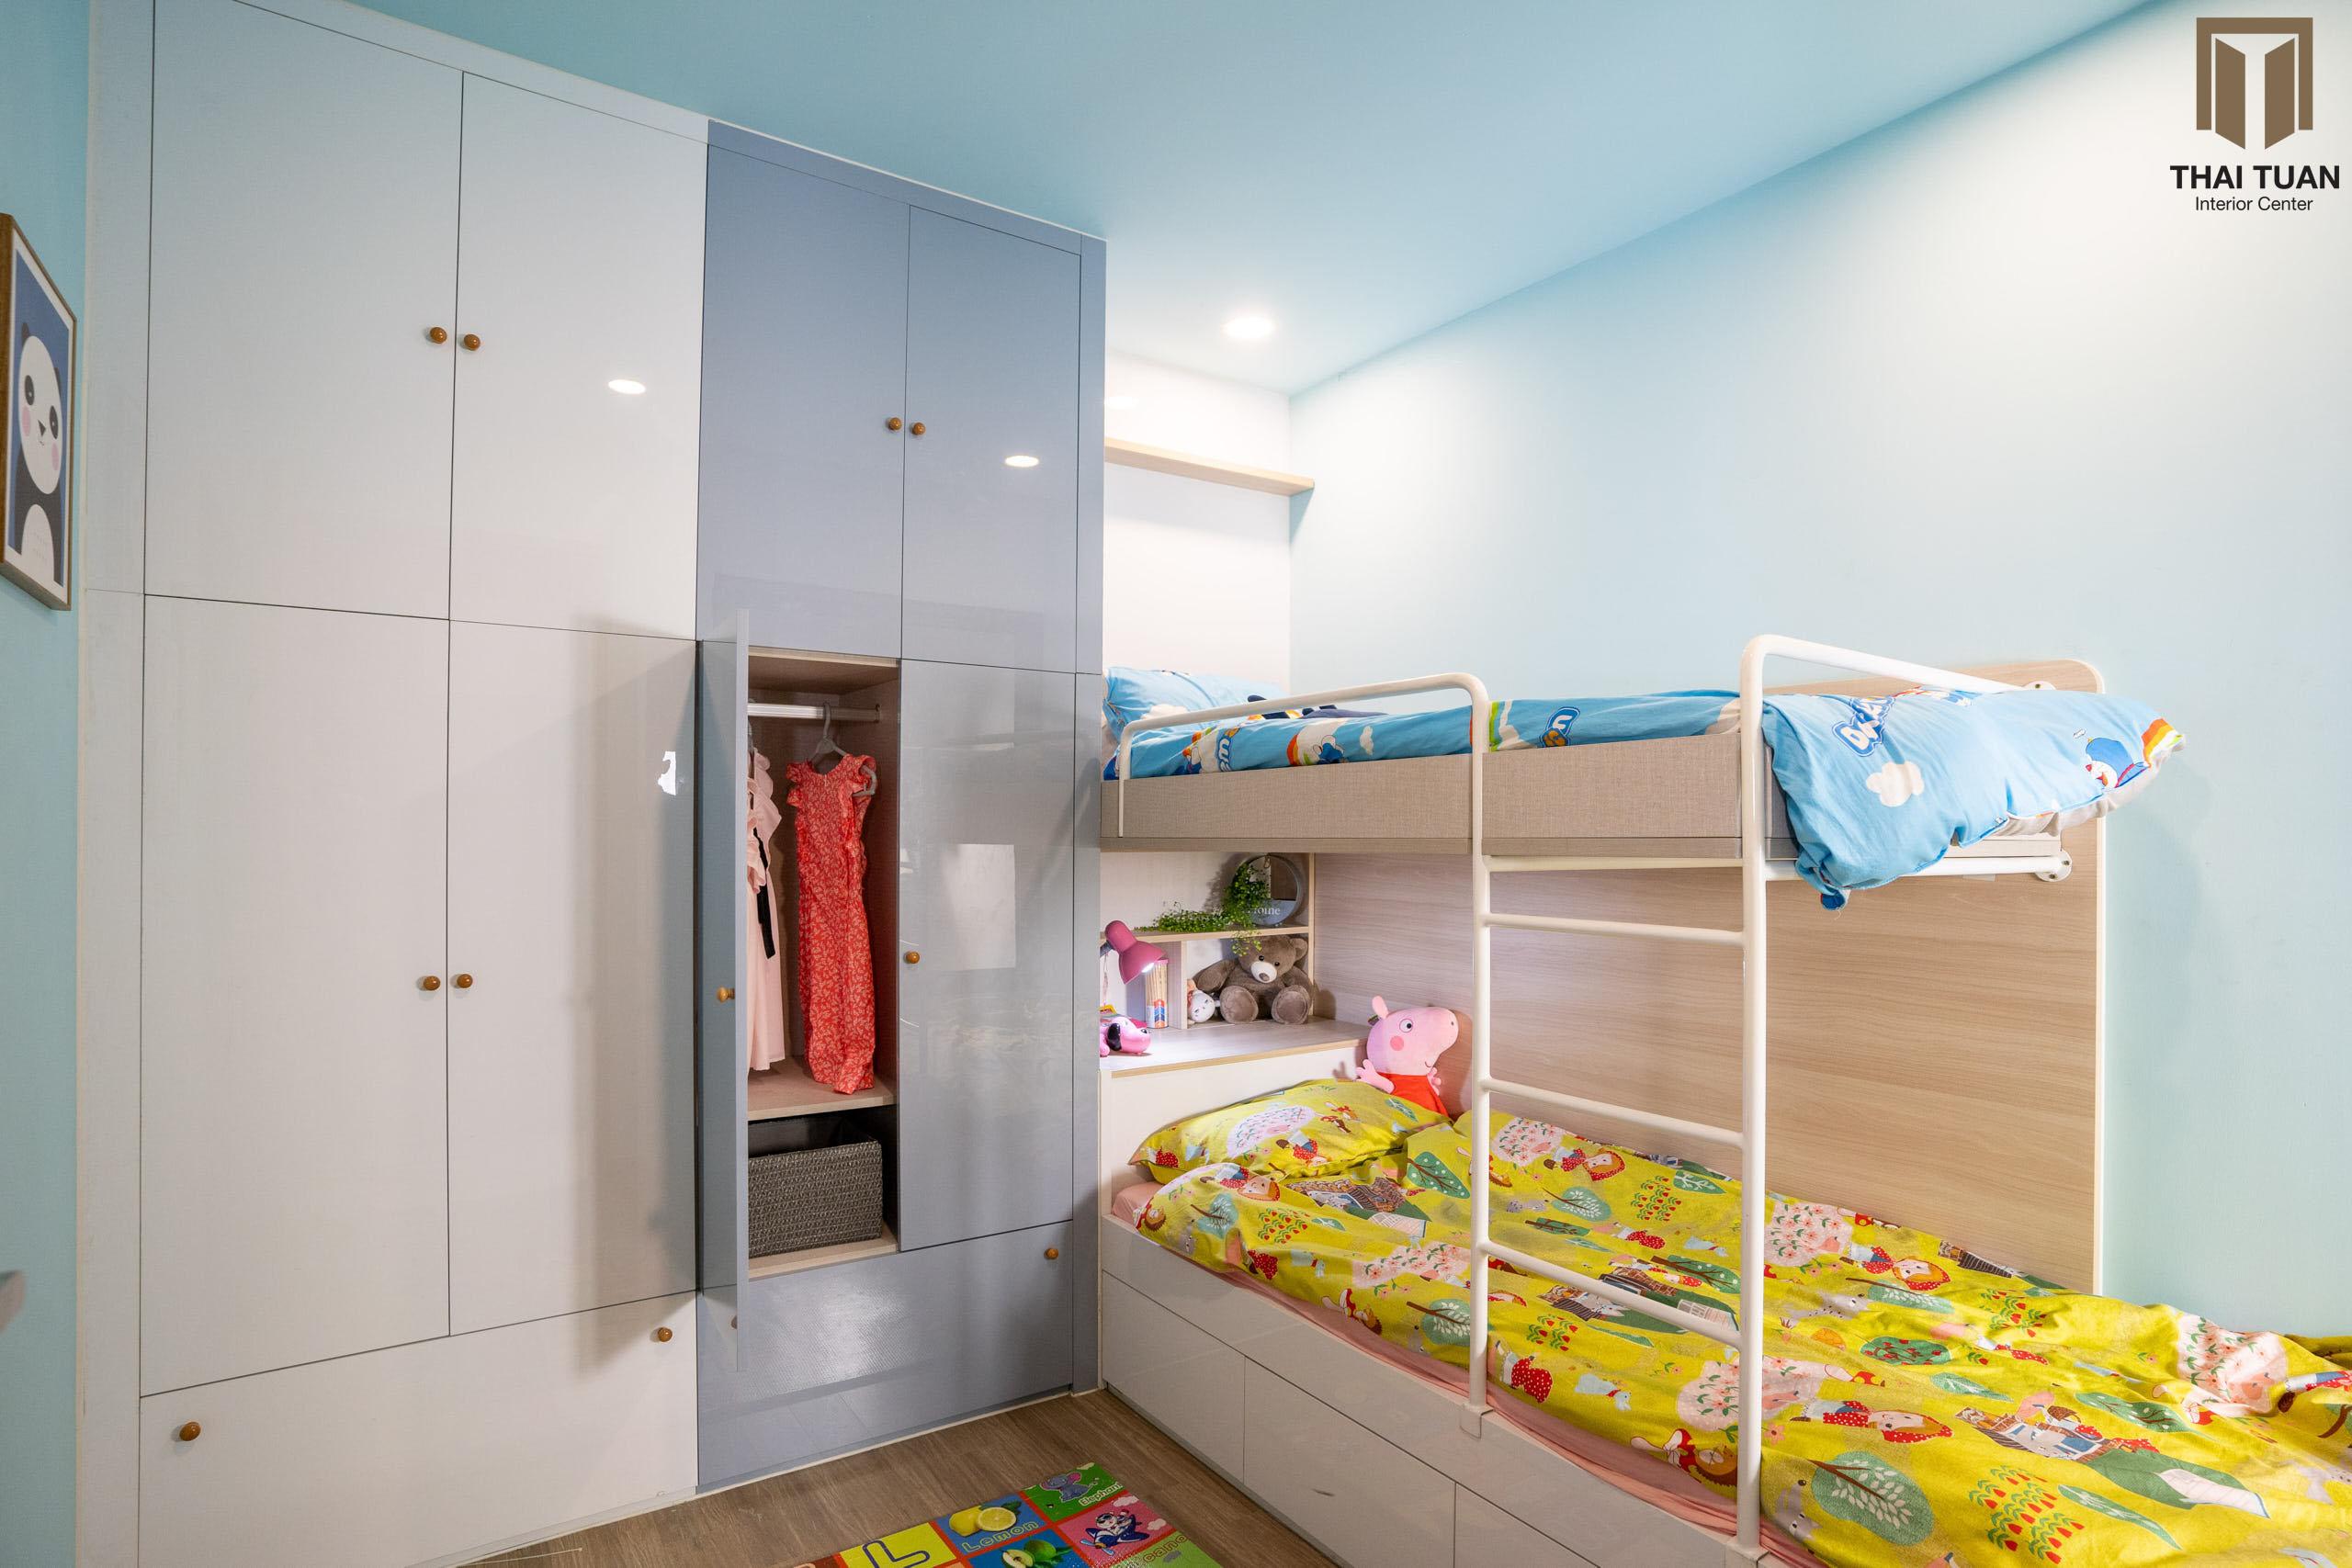 Thiết kế đồng màu cho bề mặt từ phòng khách, bếp đến phòng ngủ tạo nên sự hài hòa trong không gian